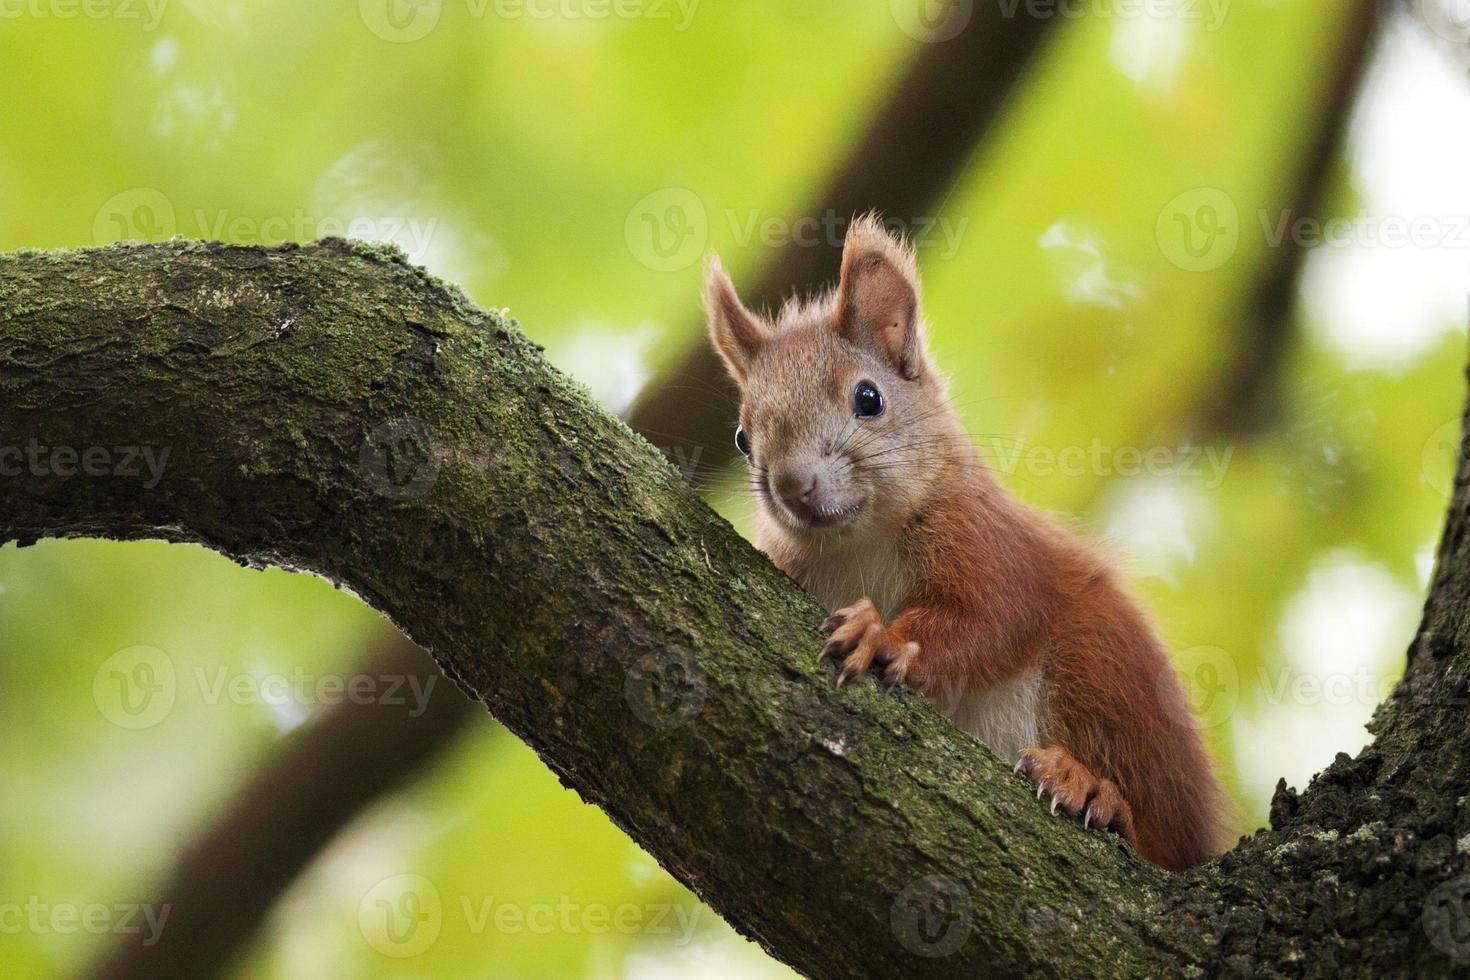 La ardilla roja en un bosque. foto